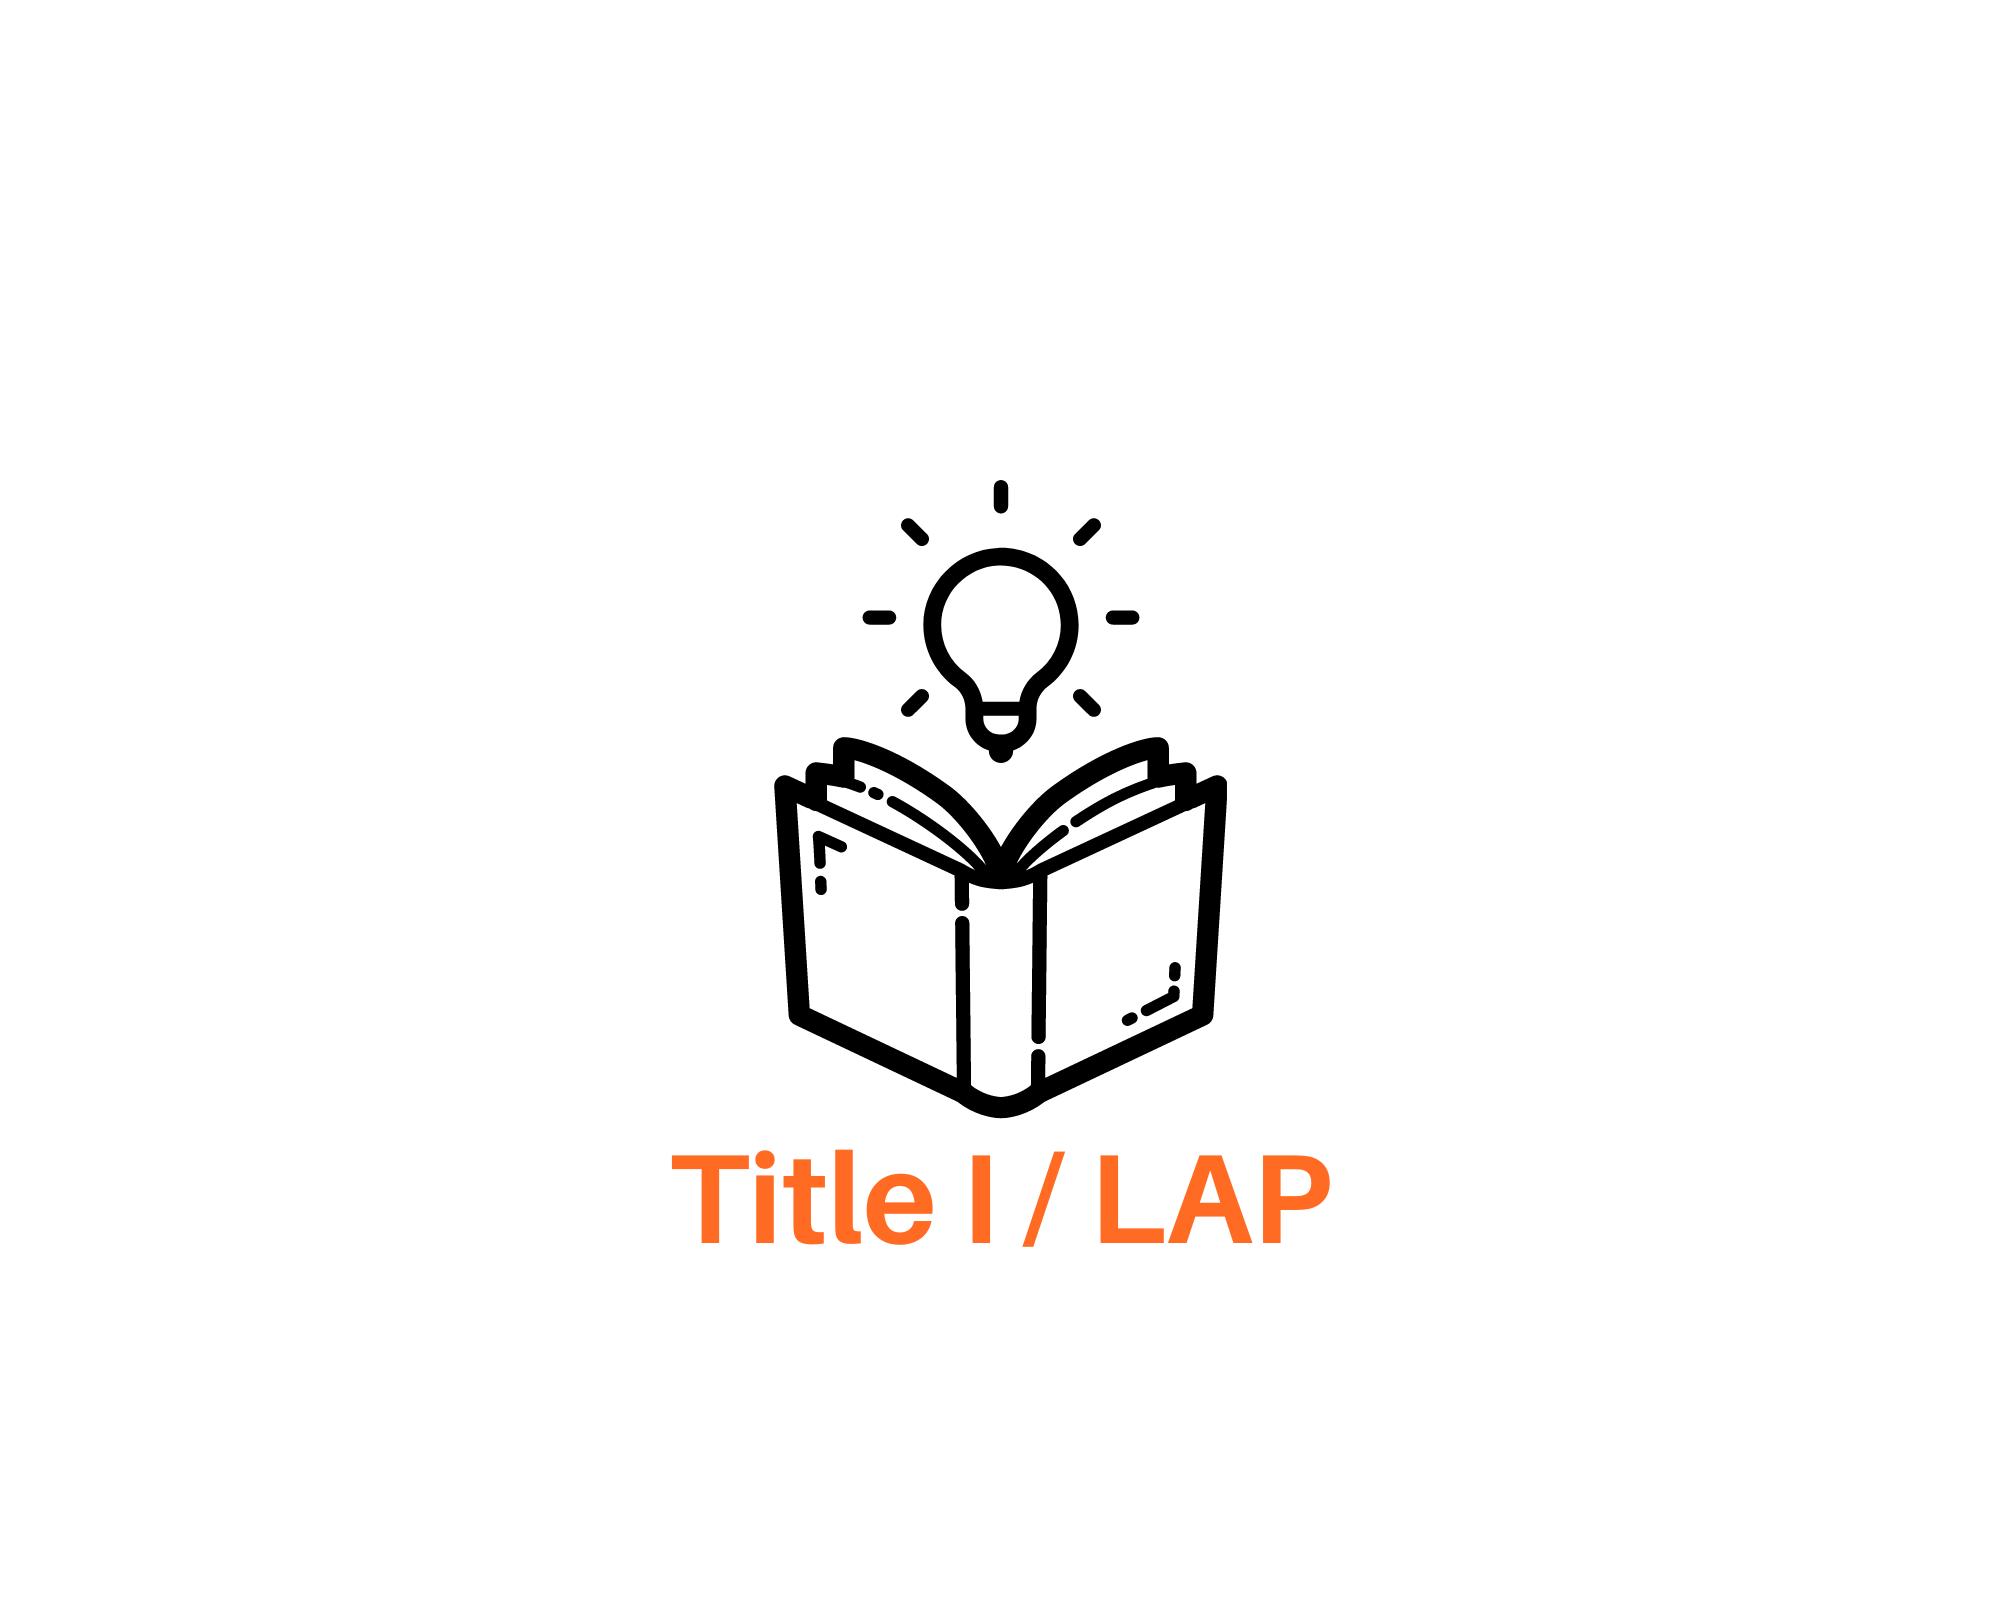 Title I/LAP